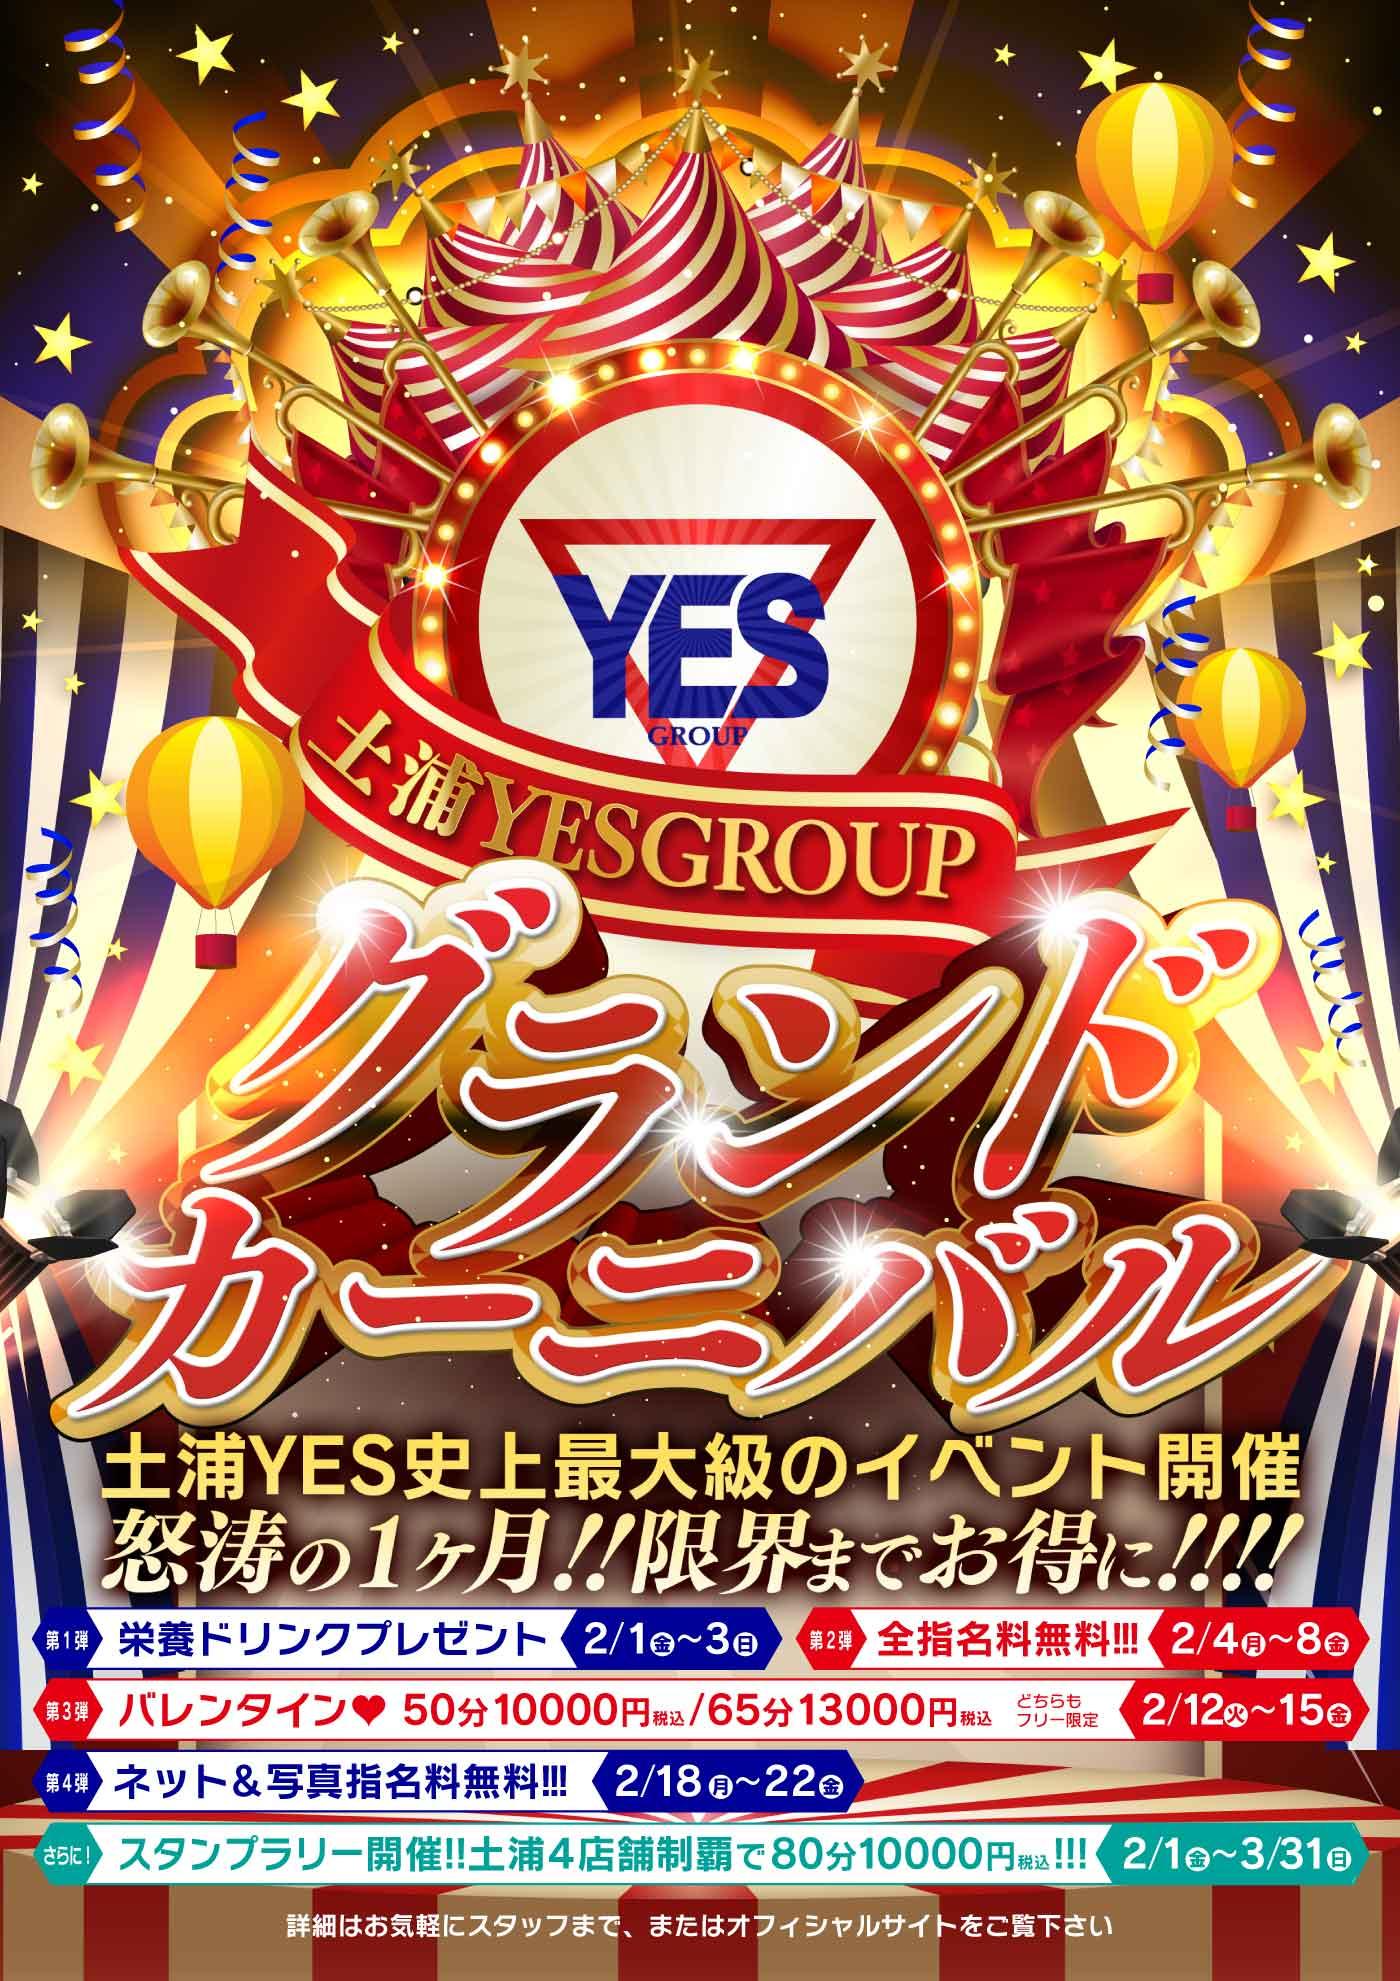 グランドカーニバル【YES土浦スタンプラリー】